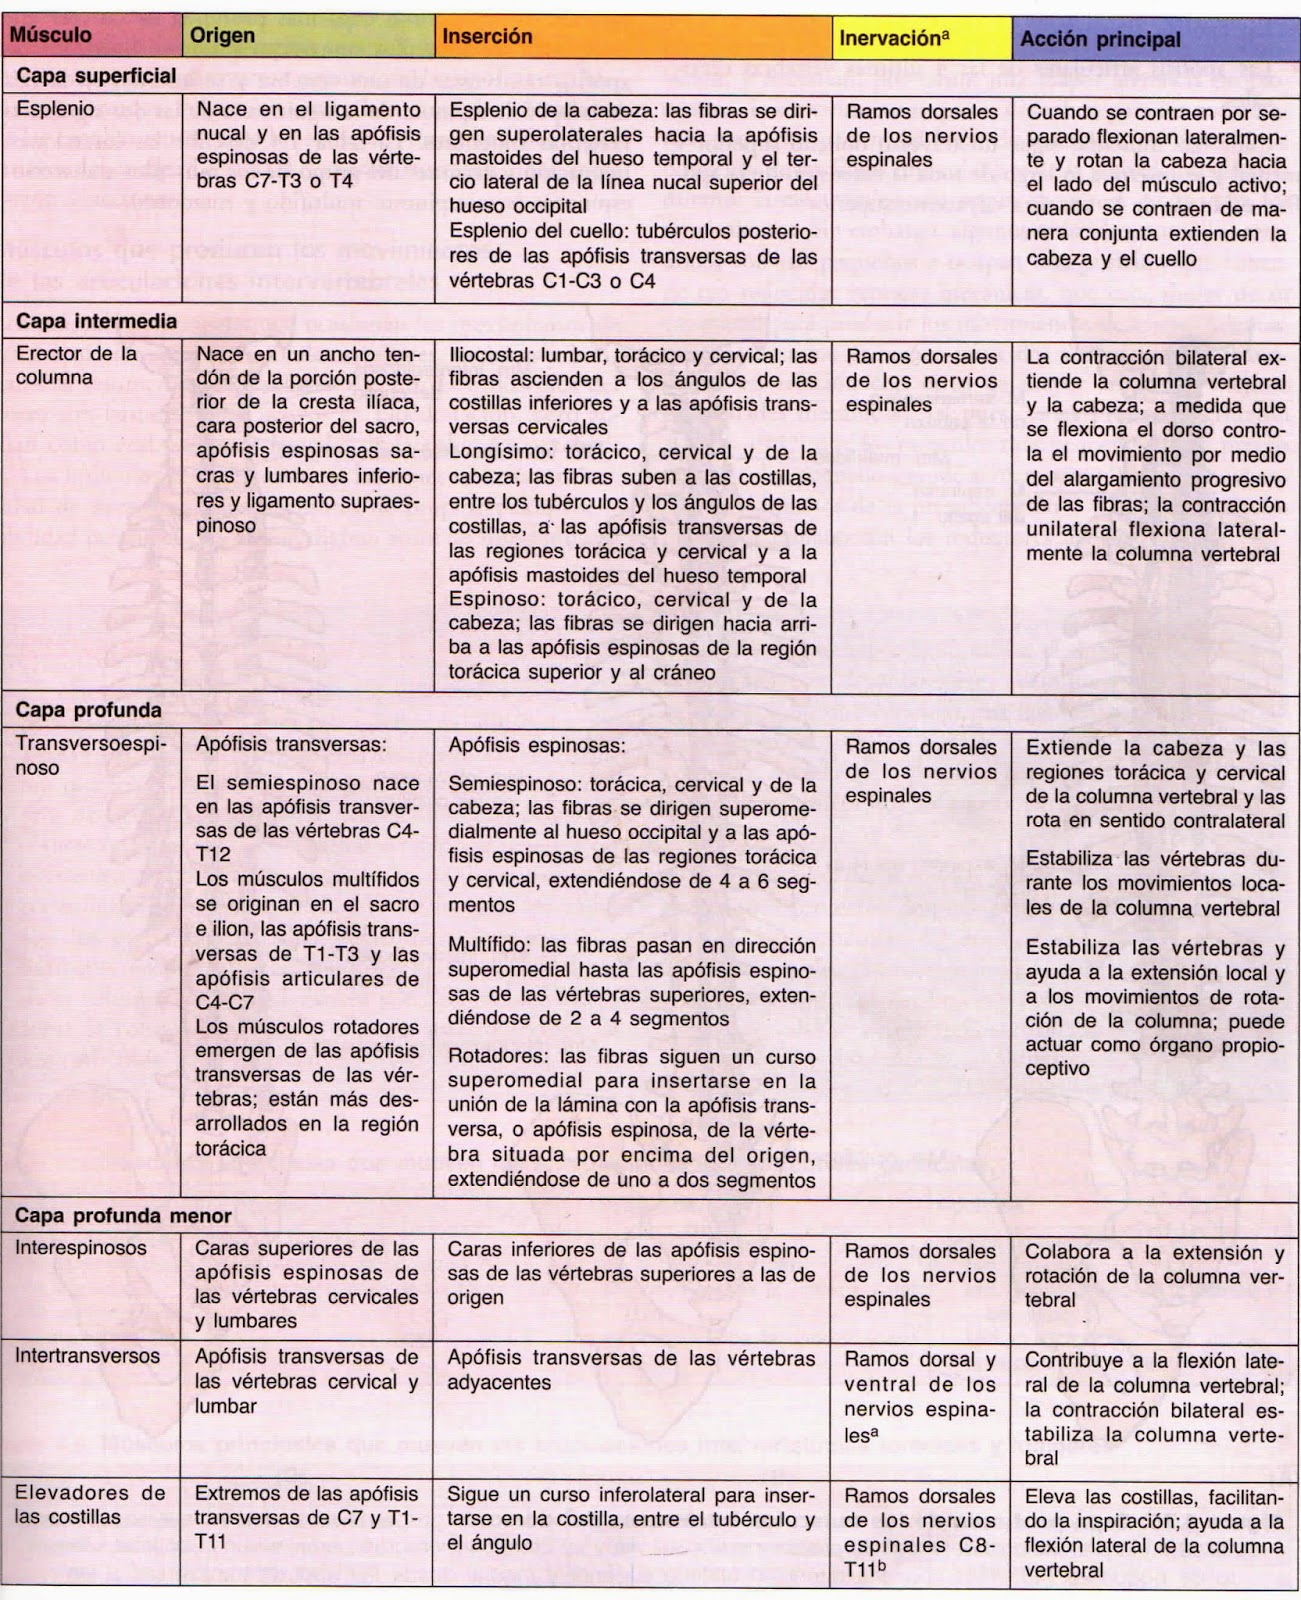 Morfofisiologia I: DORSO